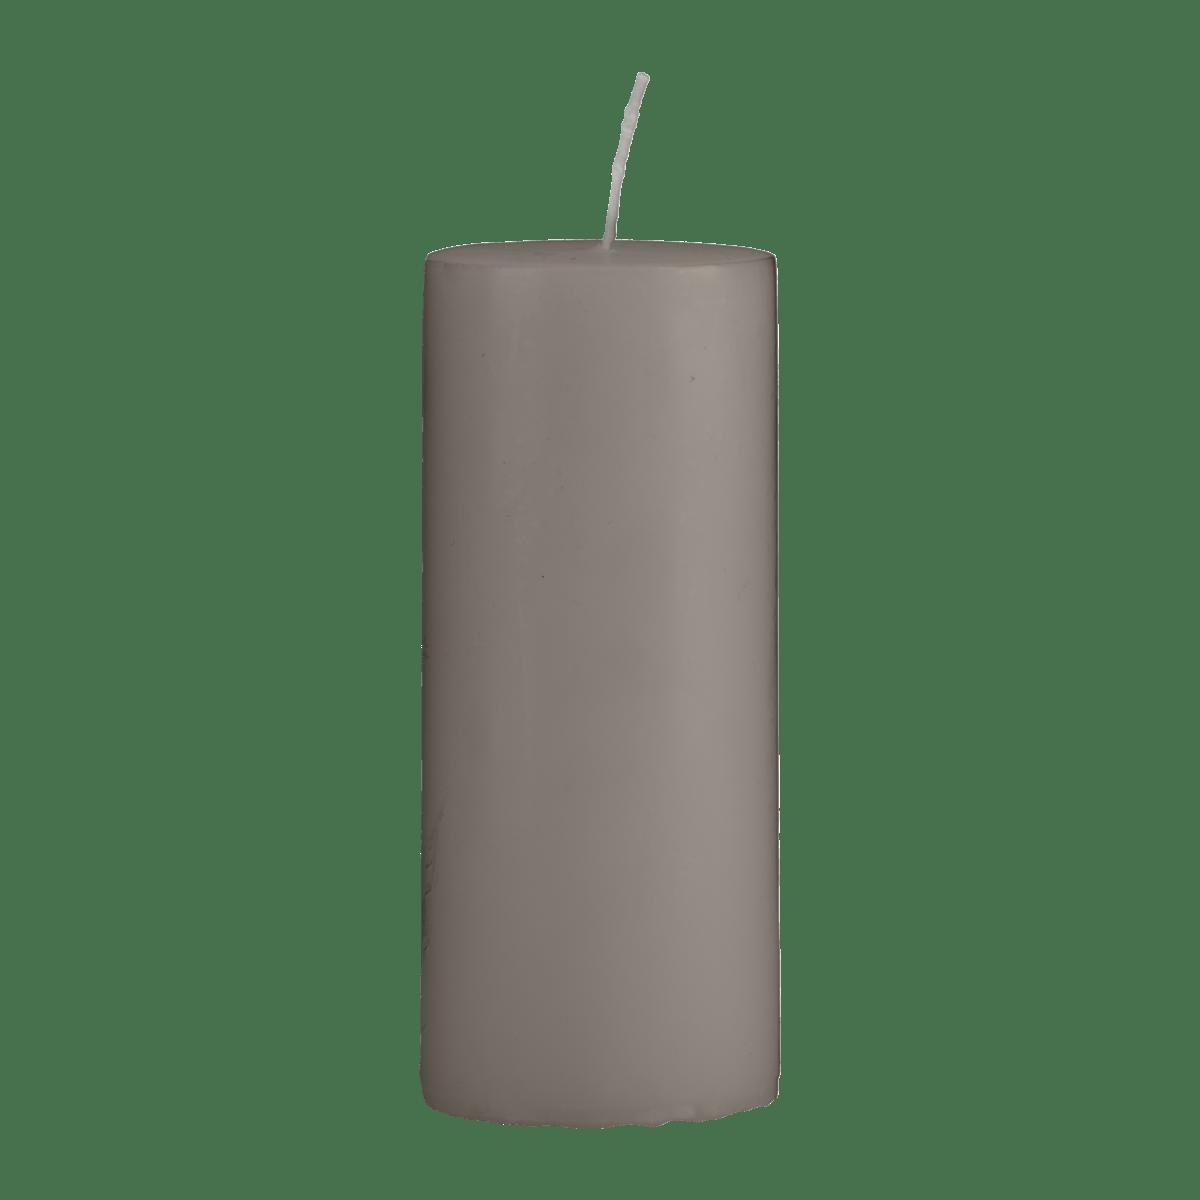 Šedohnědá svíčka 6x15 cm - set 2 kusů